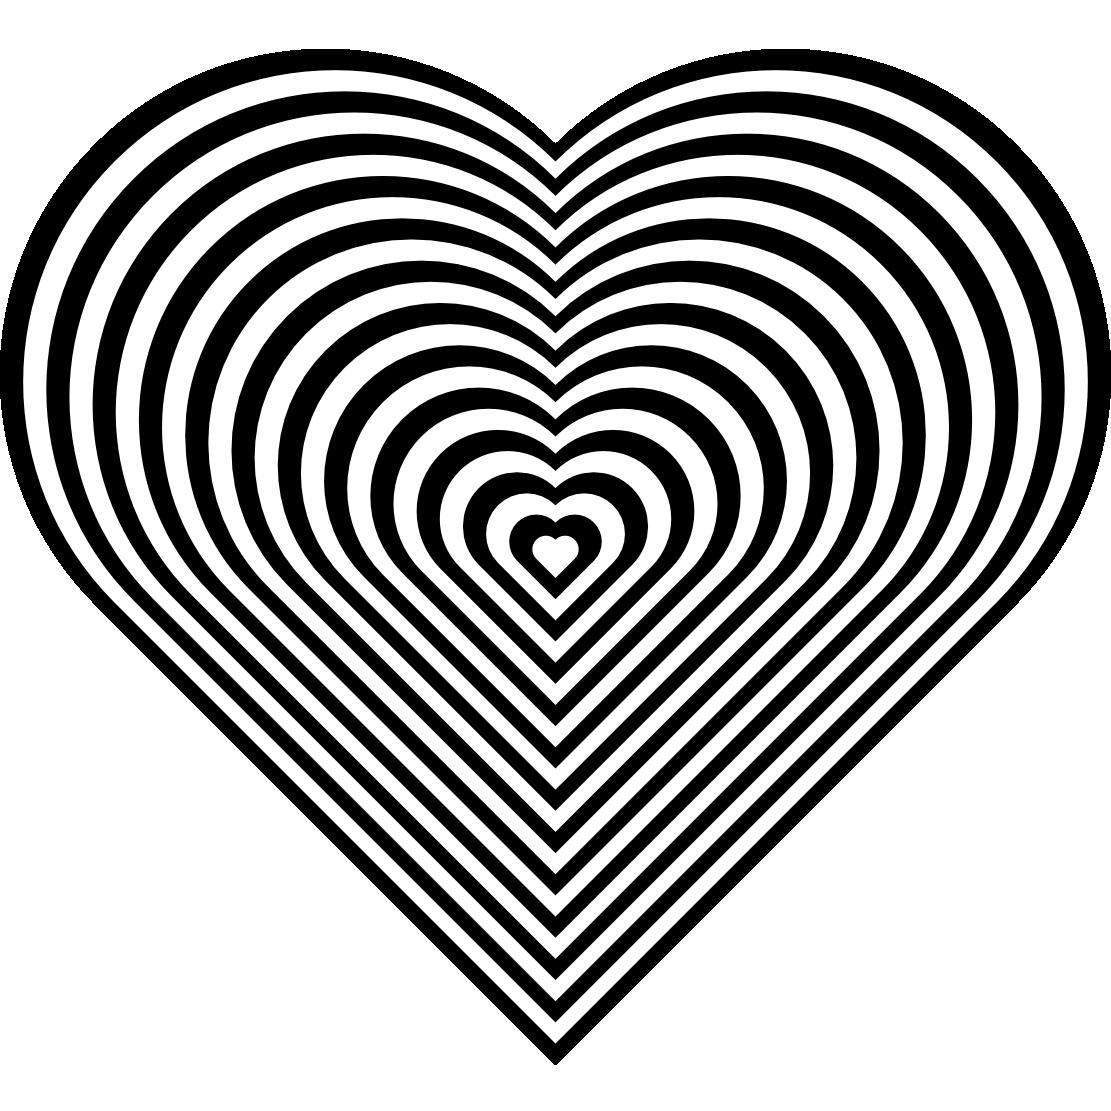 Kleurplaten valentijn zebra print